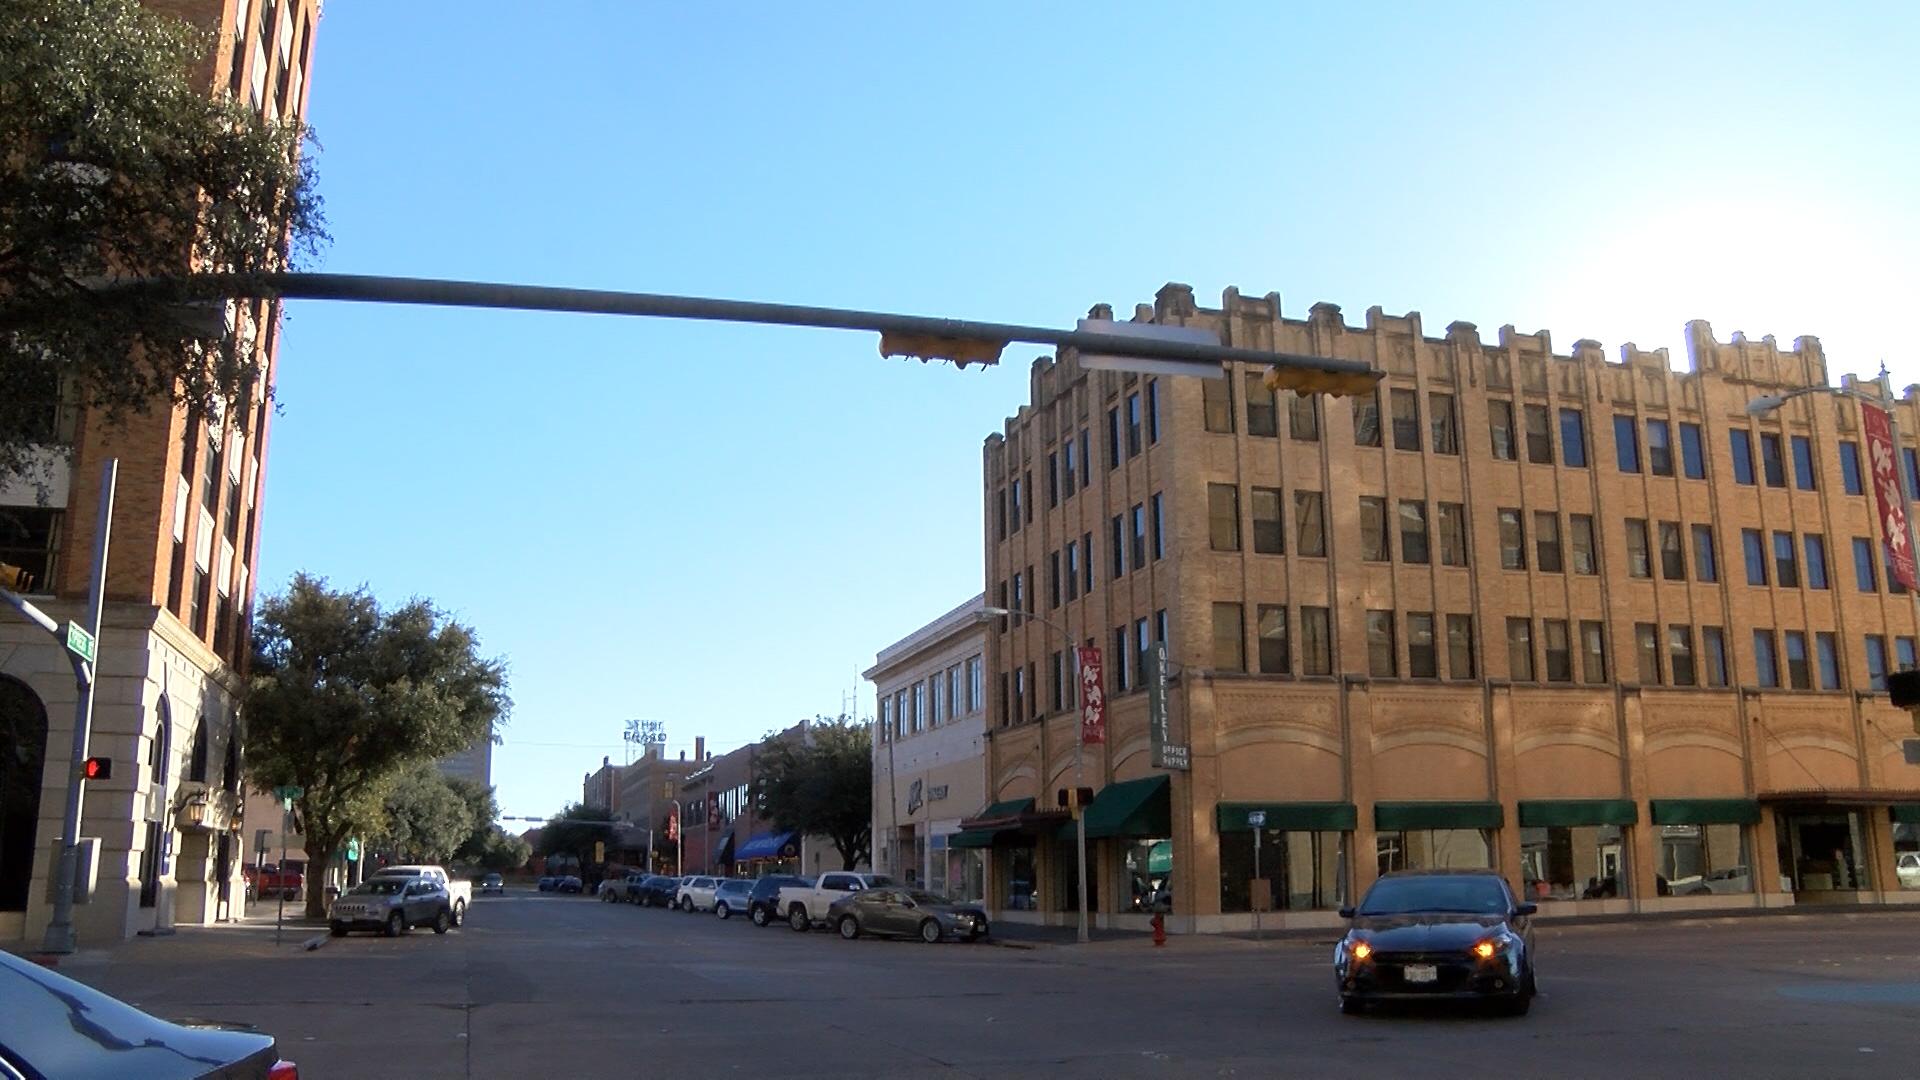 The City of Abilene